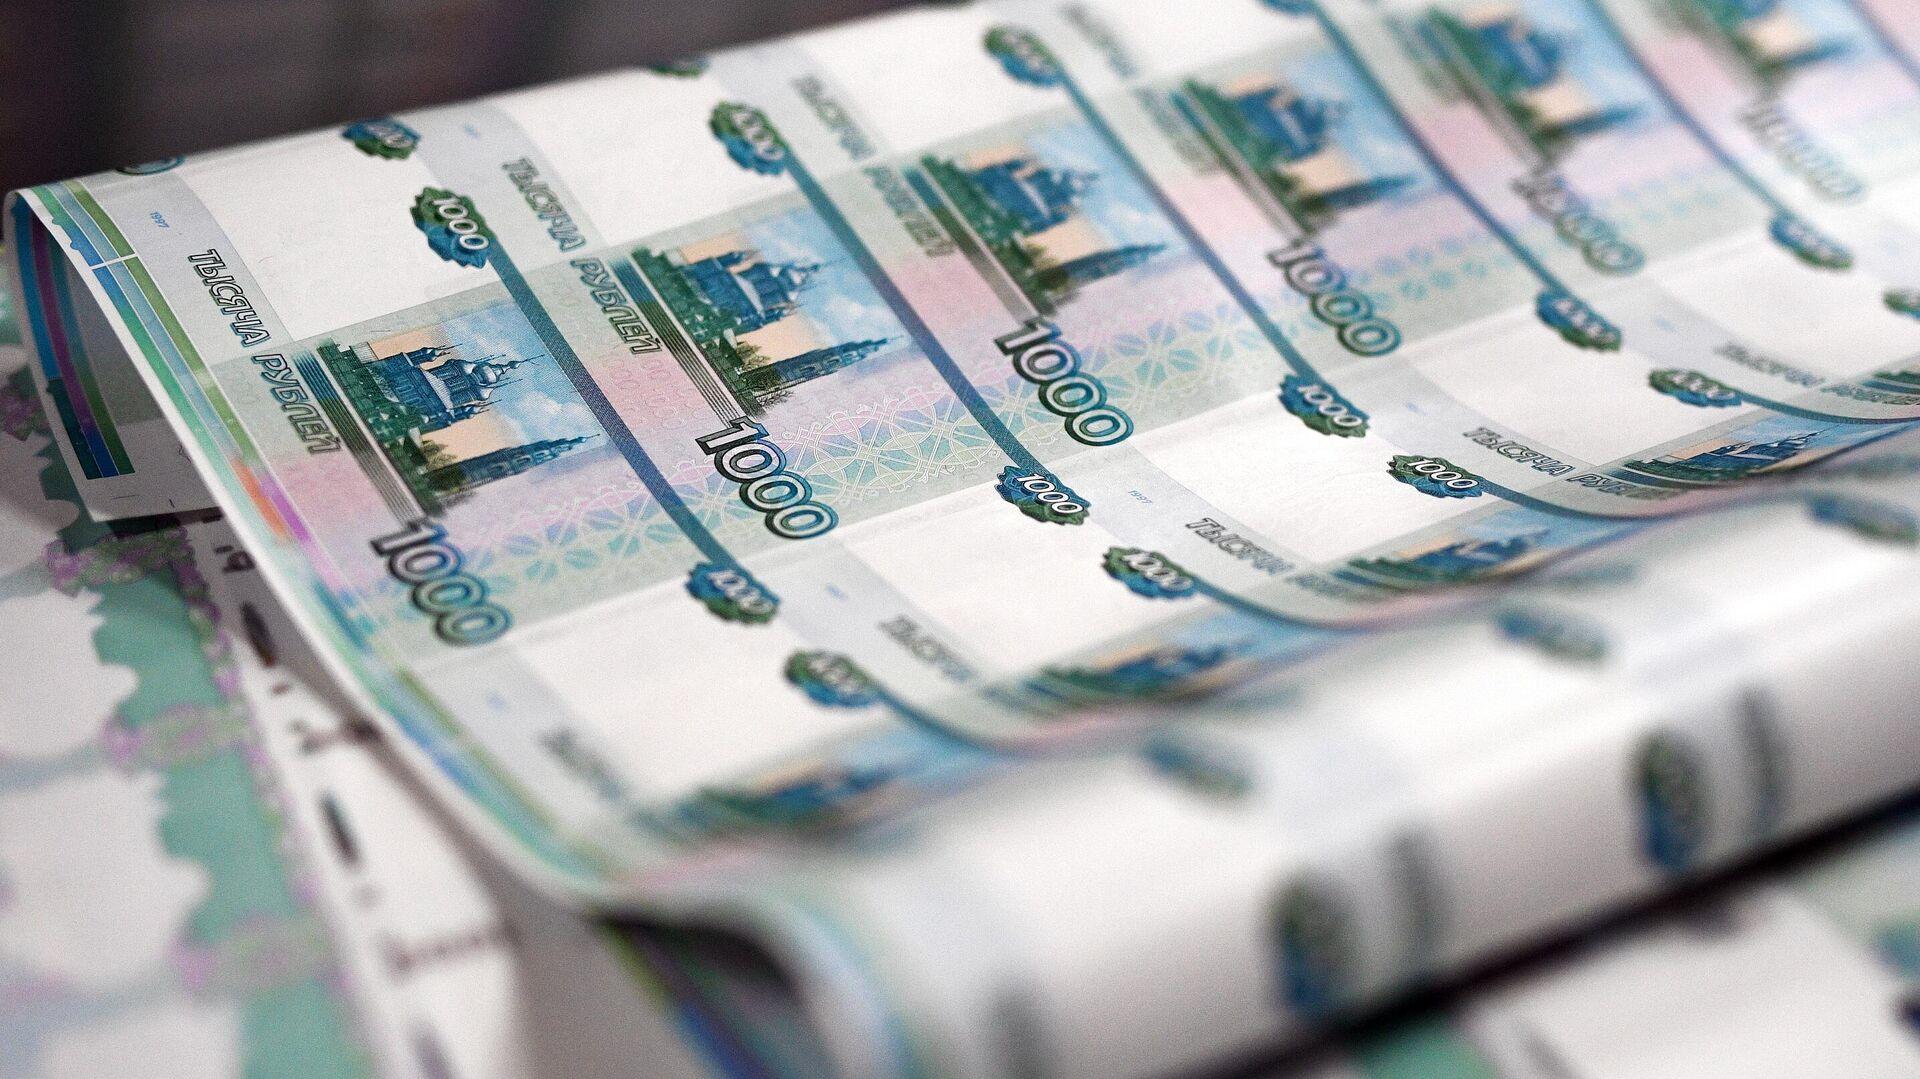 Листы с денежными купюрами - РИА Новости, 1920, 05.07.2021